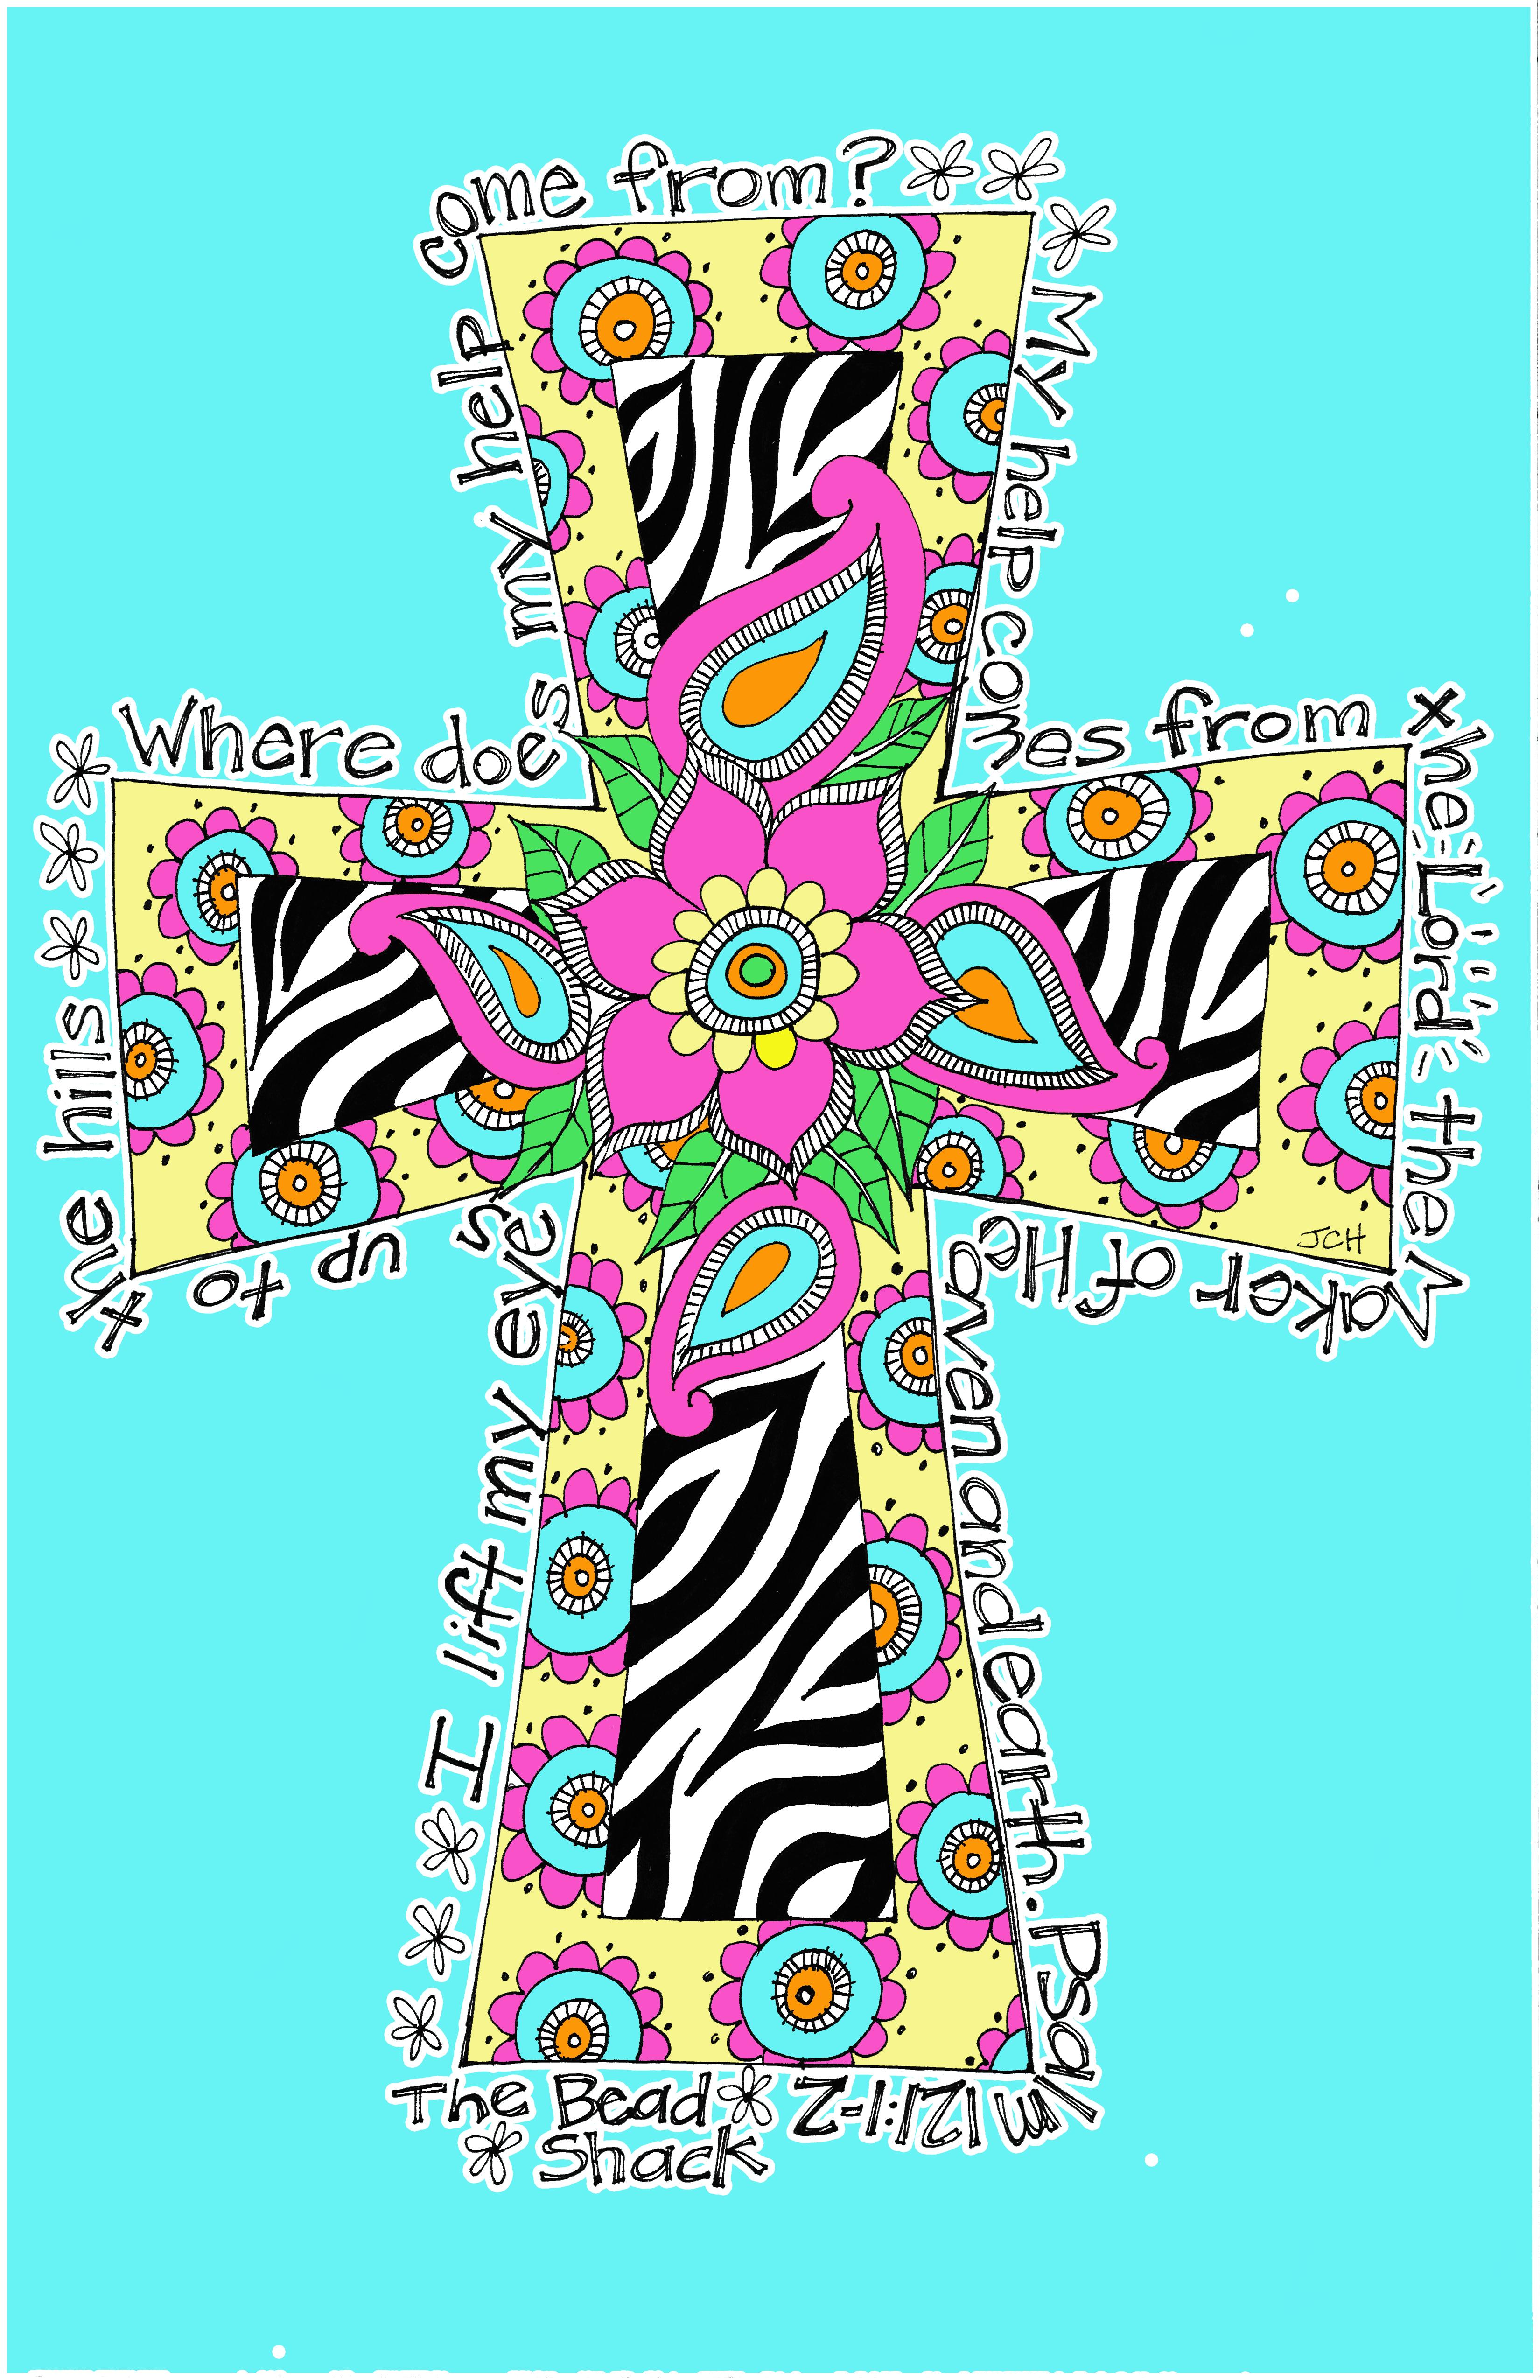 Cross Shirt at the Bead Shack Jenny Hall Art 3300x5100